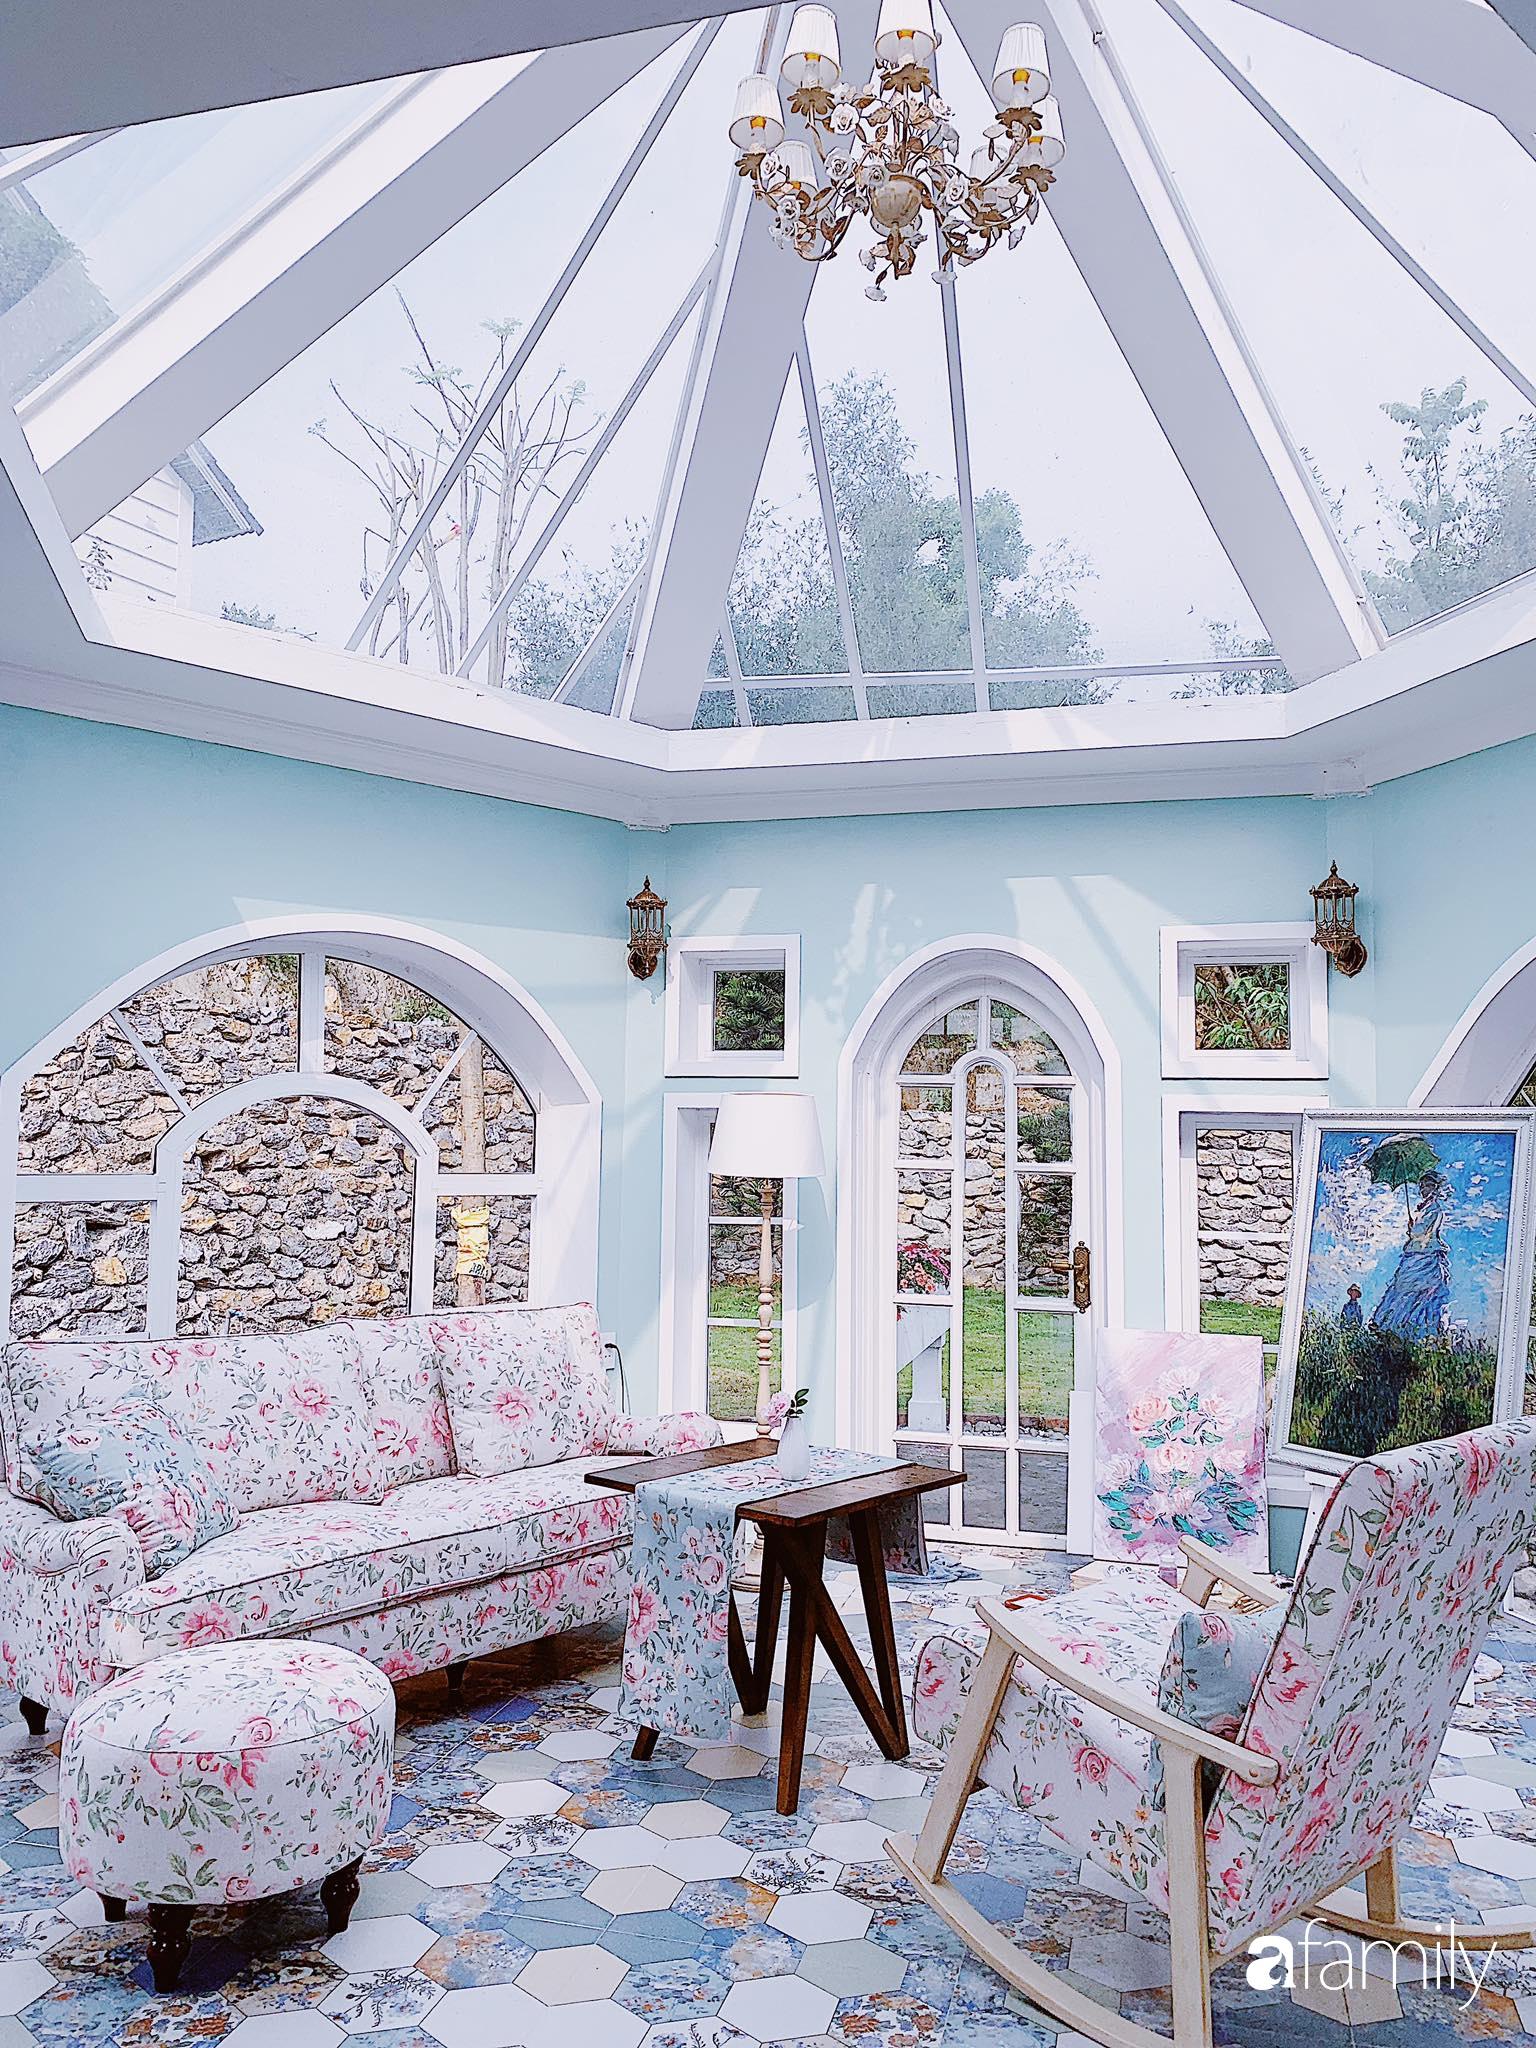 Biệt thự 1000m² tọa lạc trên đồi đẹp yên bình với ngoại thất sân vườn rực rỡ sắc màu hoa lá ở Hòa Bình - Ảnh 10.